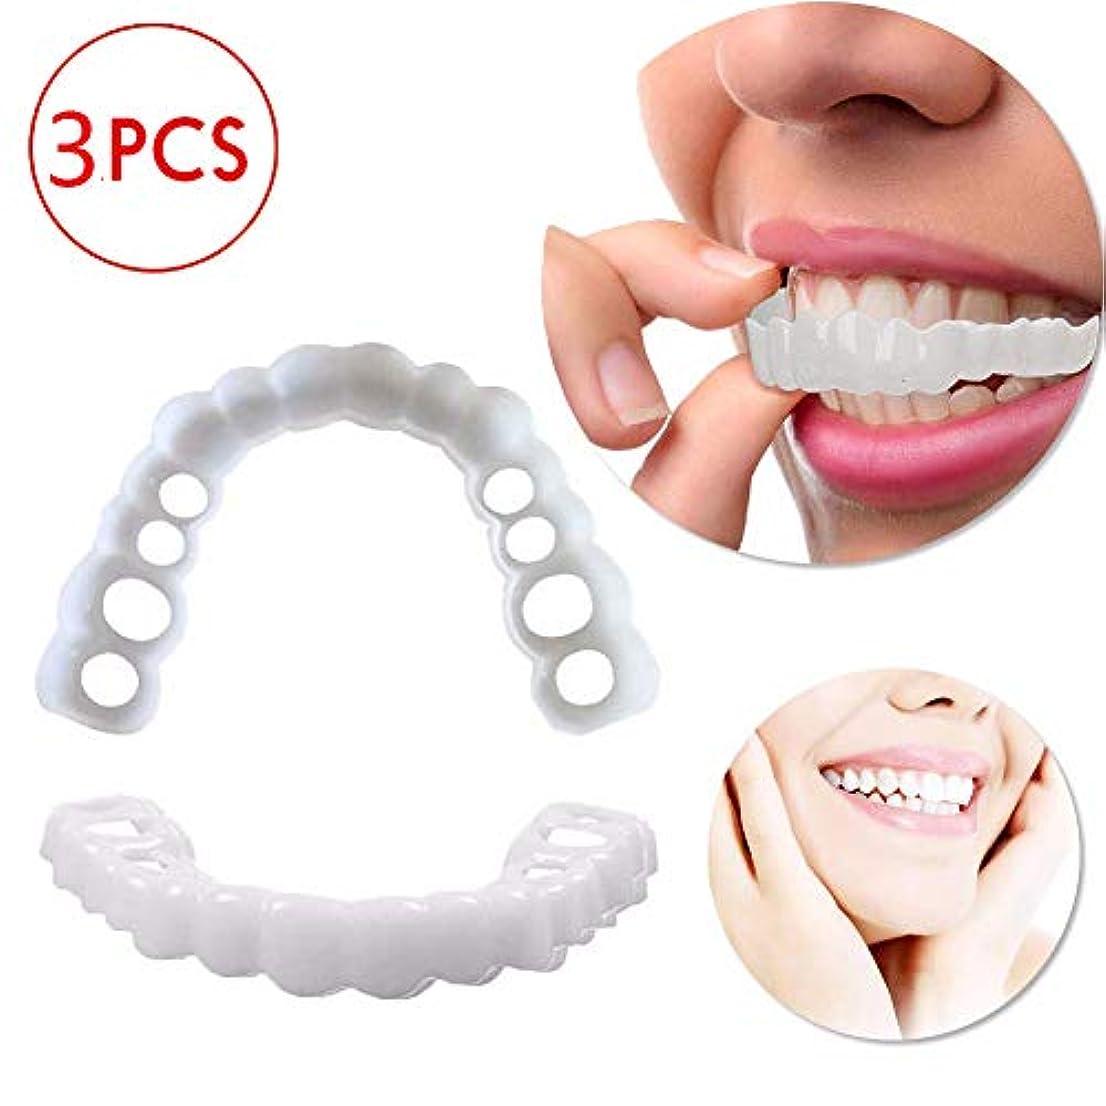 相対サイズ一般的にサークル3ピース一時的な歯ベニヤブレース歯化粧品ホワイトニング義歯偽歯カバー収納ボックス付き,3pcslowerteeth